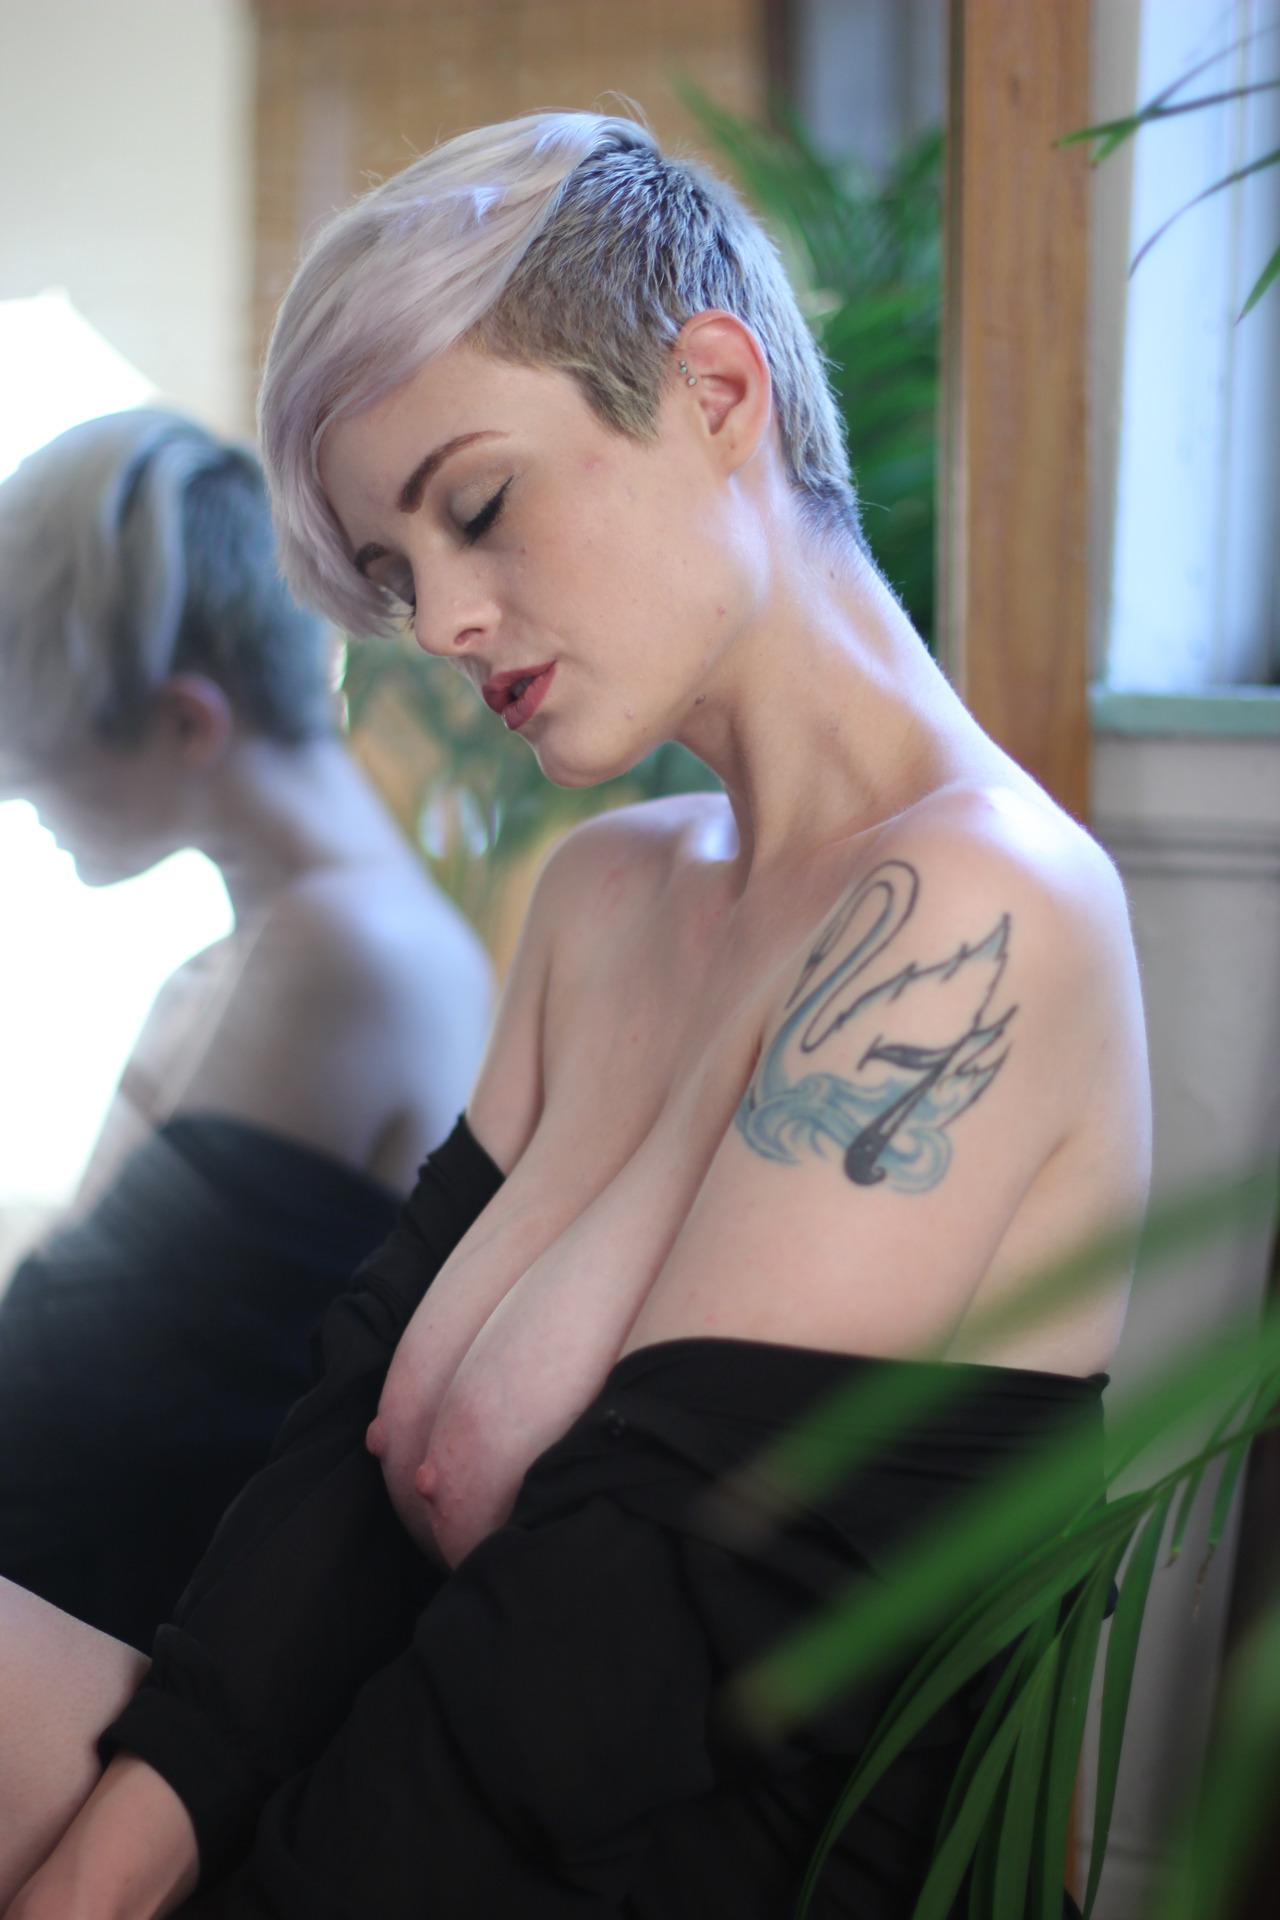 Gostosas de cabelo curto! Fotos Sensuais